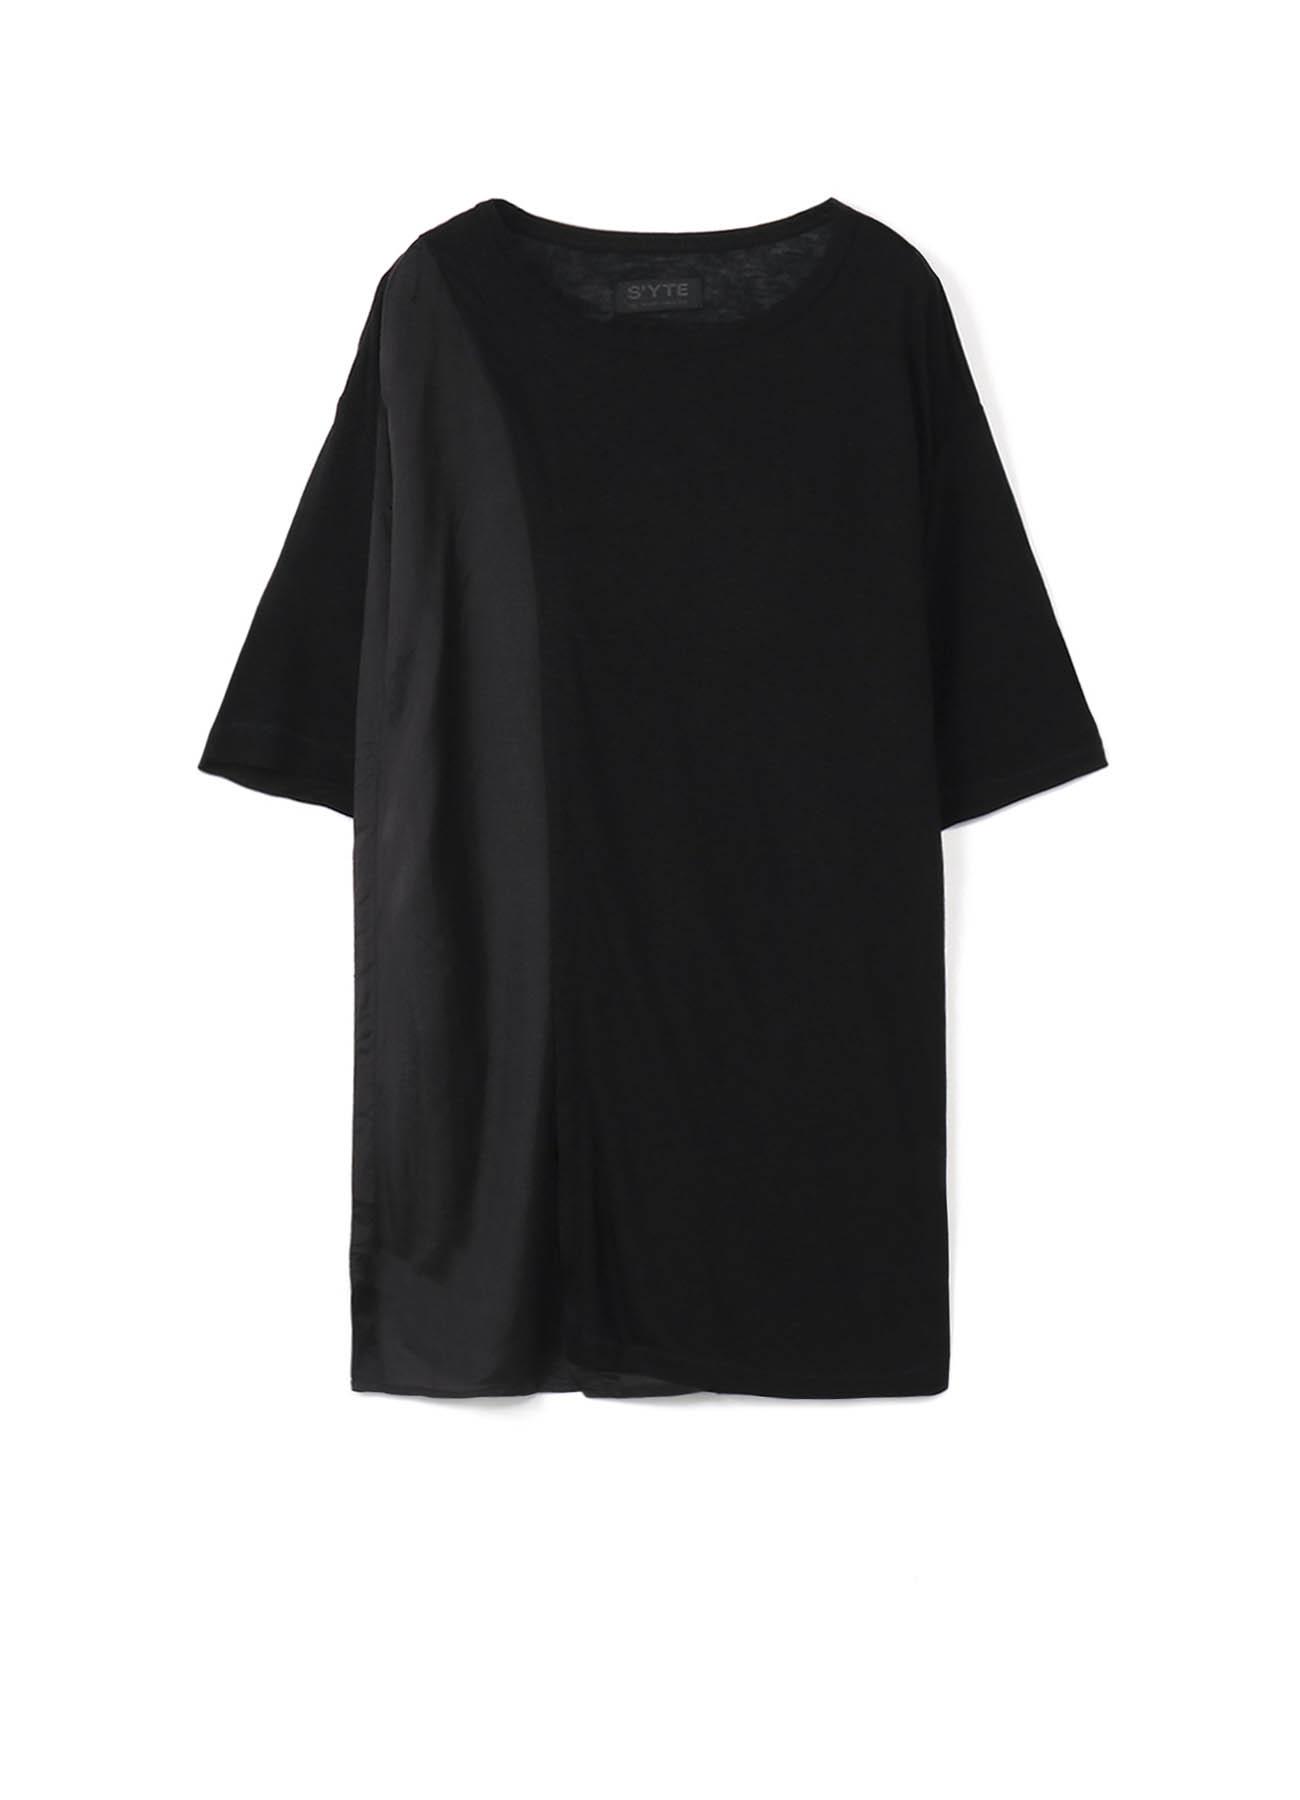 变形设计短袖T恤